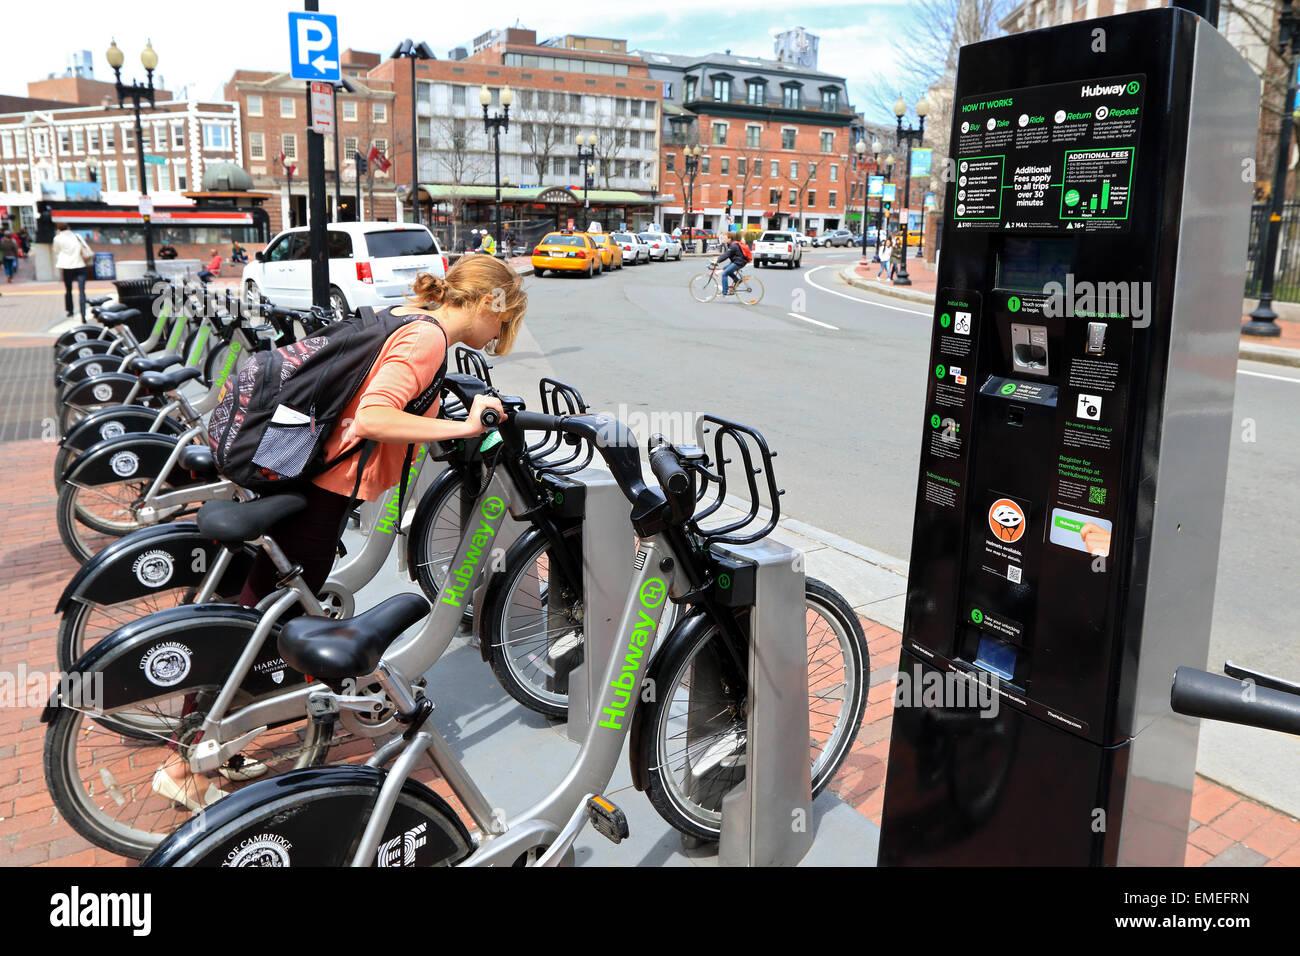 La città di Cambridge Stazione bike. Boston Hubway disponibili biciclette per i turisti e per gli studenti Immagini Stock